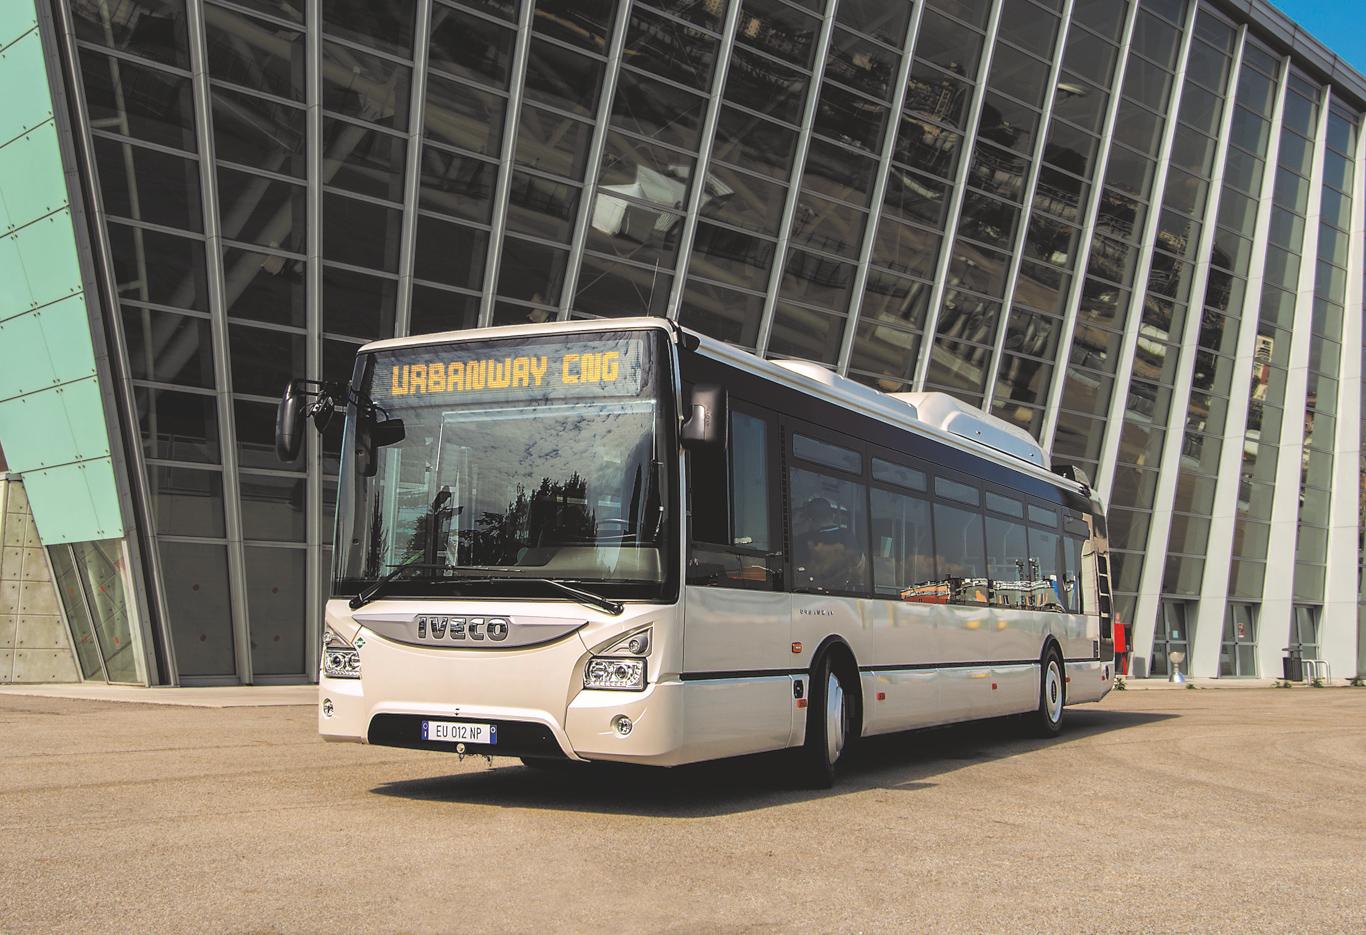 409 Urbanway Busse mit Methan (Bio-/ Erdgas) Antrieb in Frankreich.